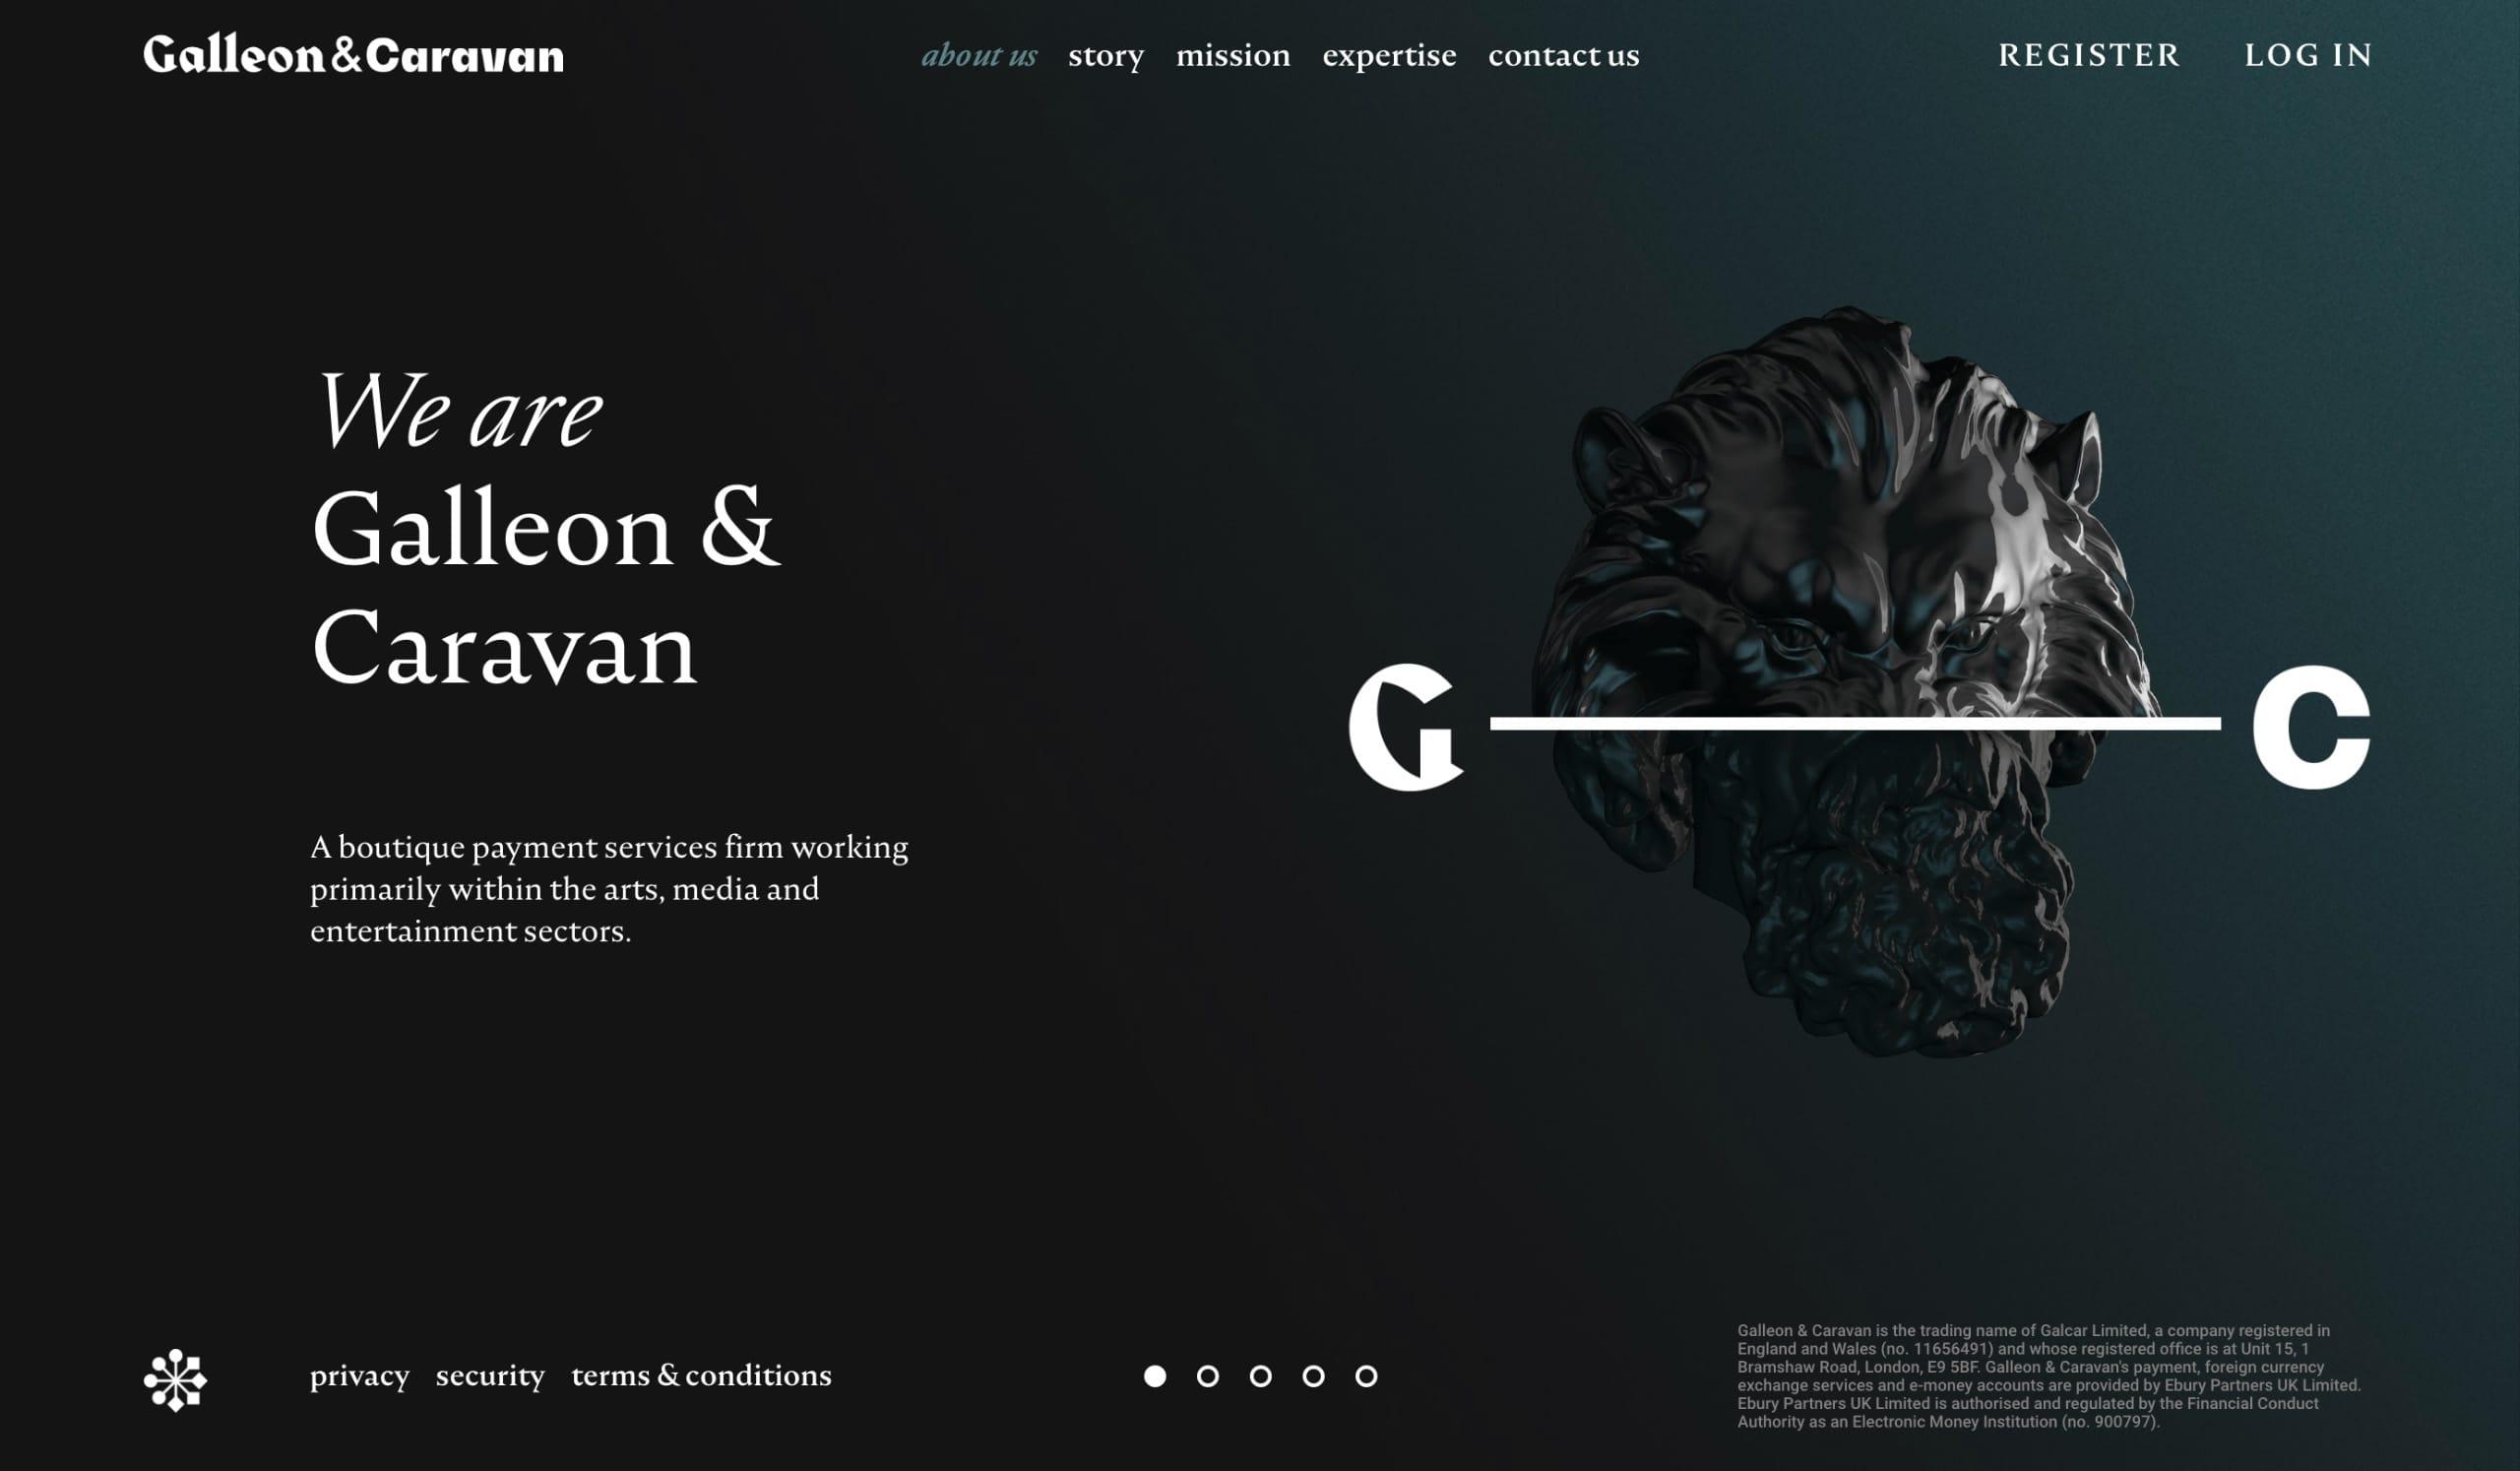 Galleon and Caravan Website Screenshot